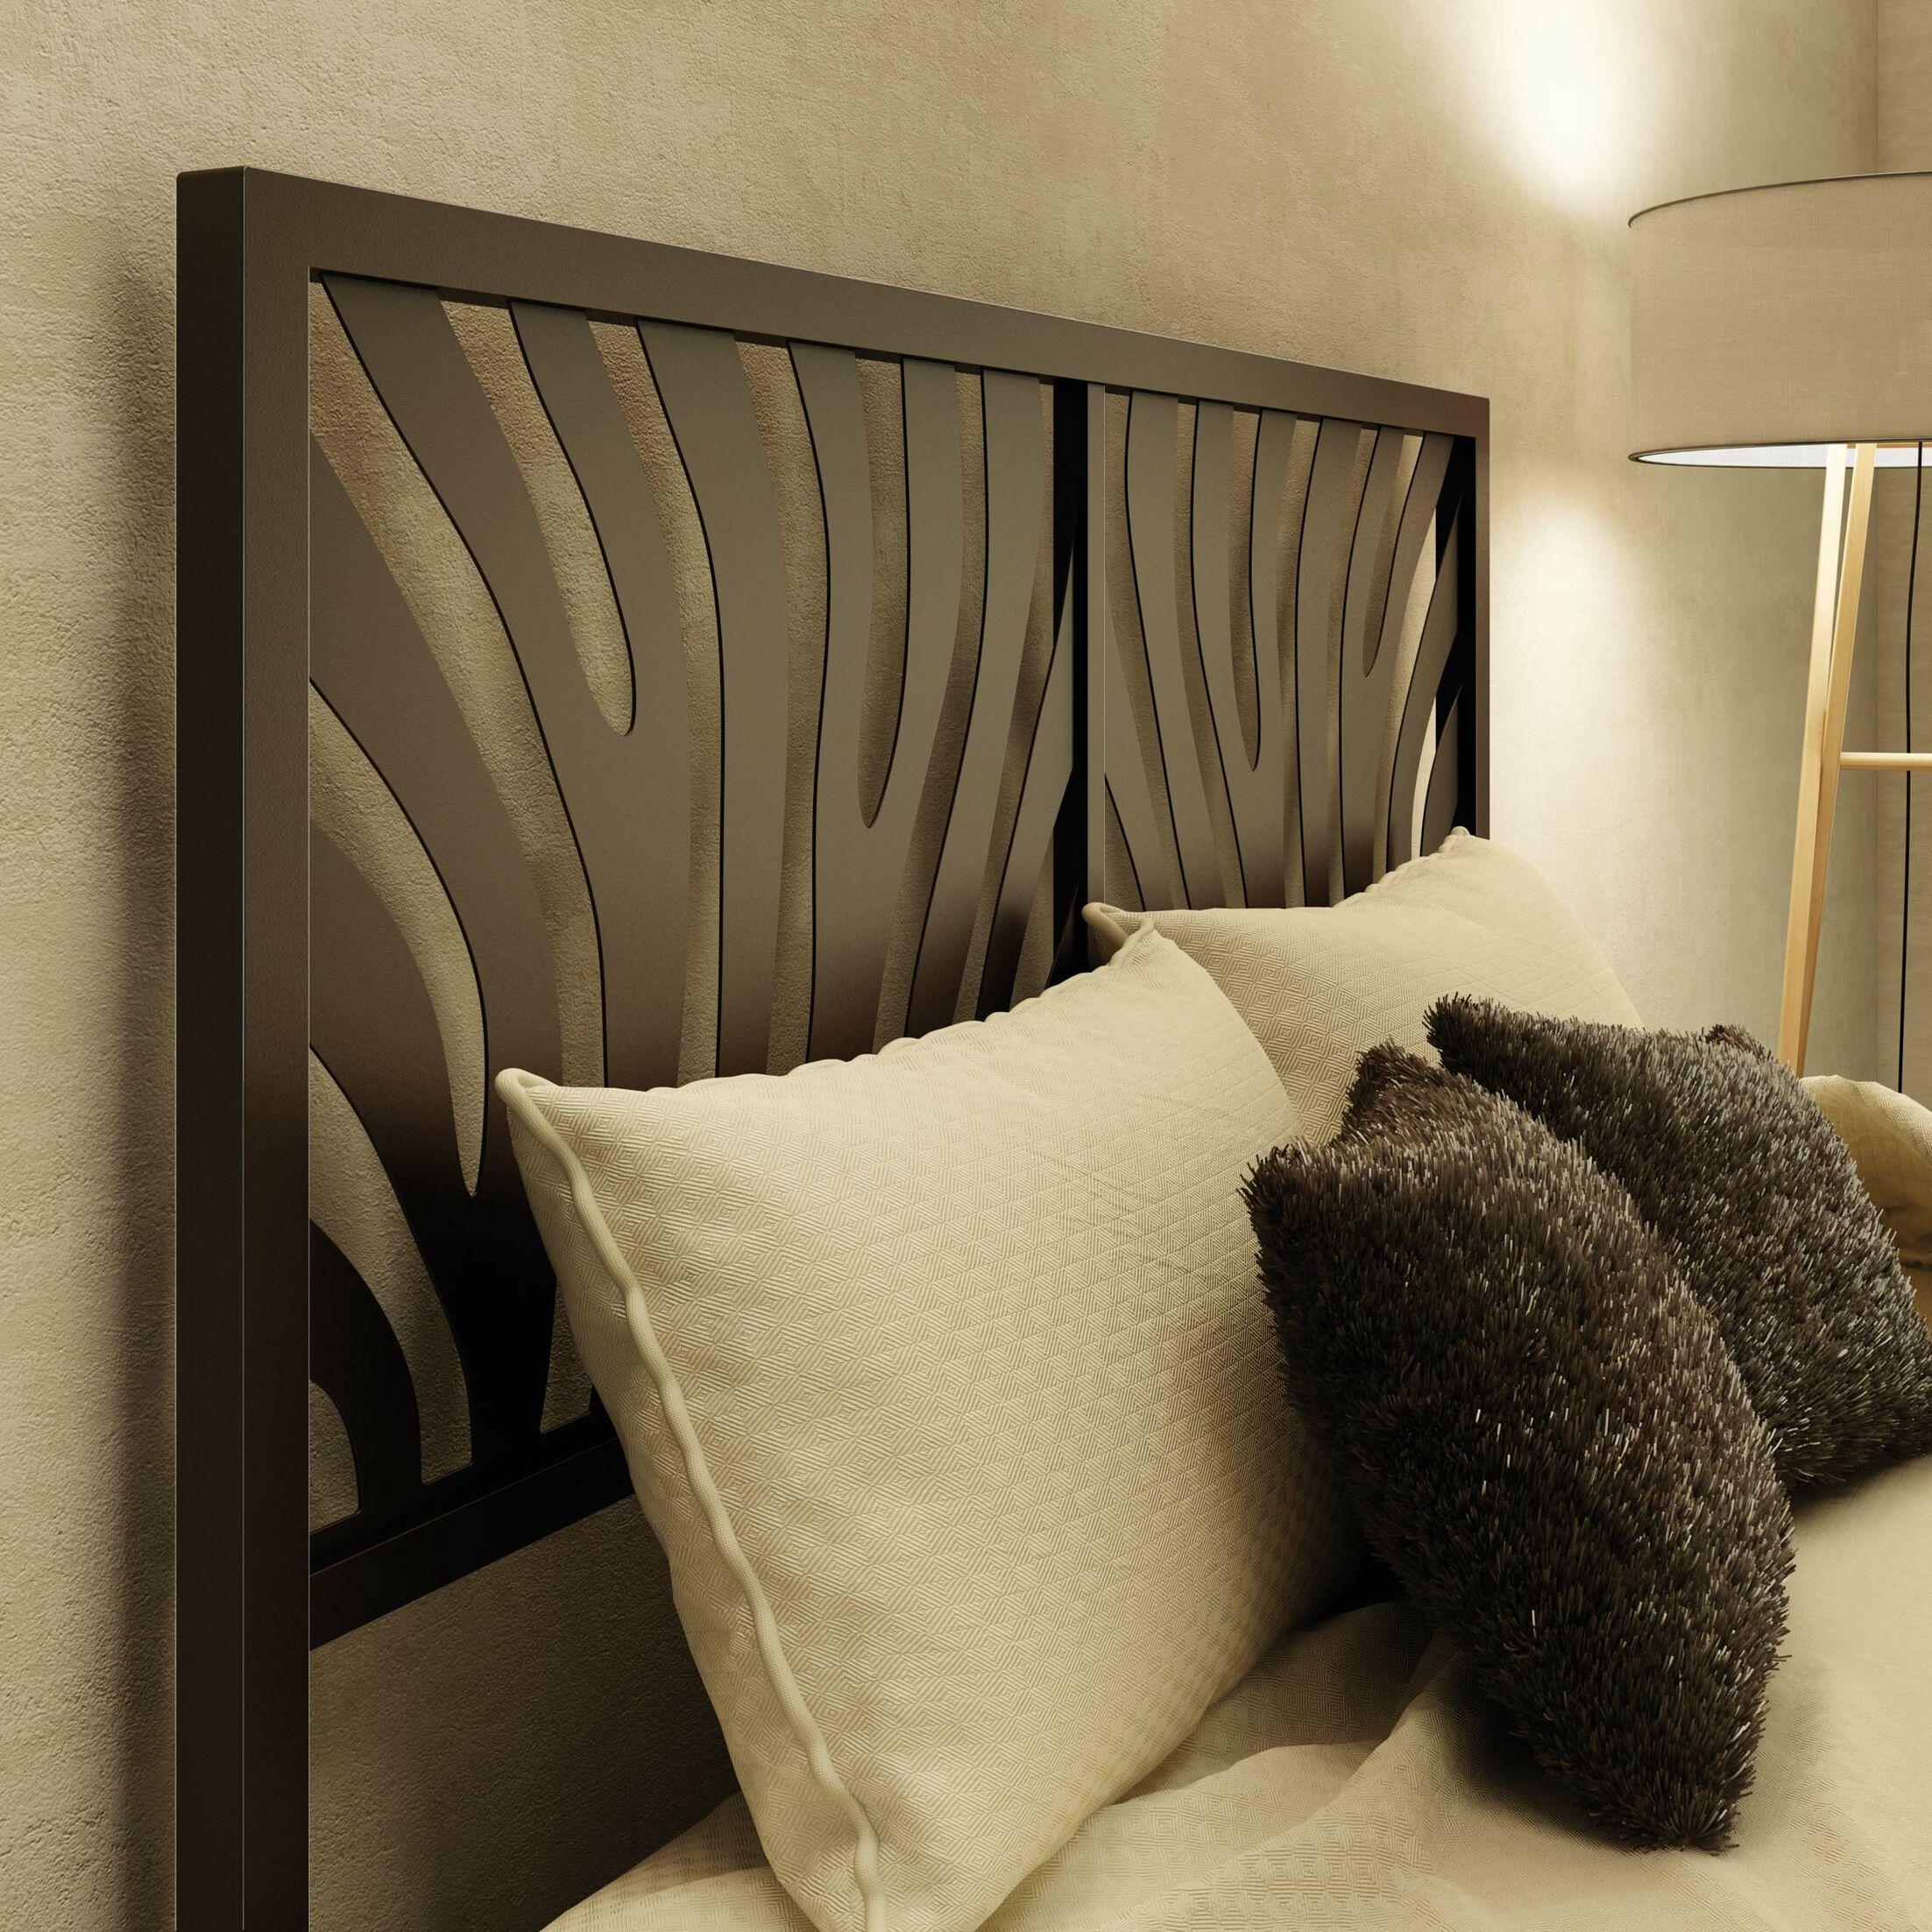 Zebra Open-Frame Headboard Color: Textured Dark Brown, Size: Queen